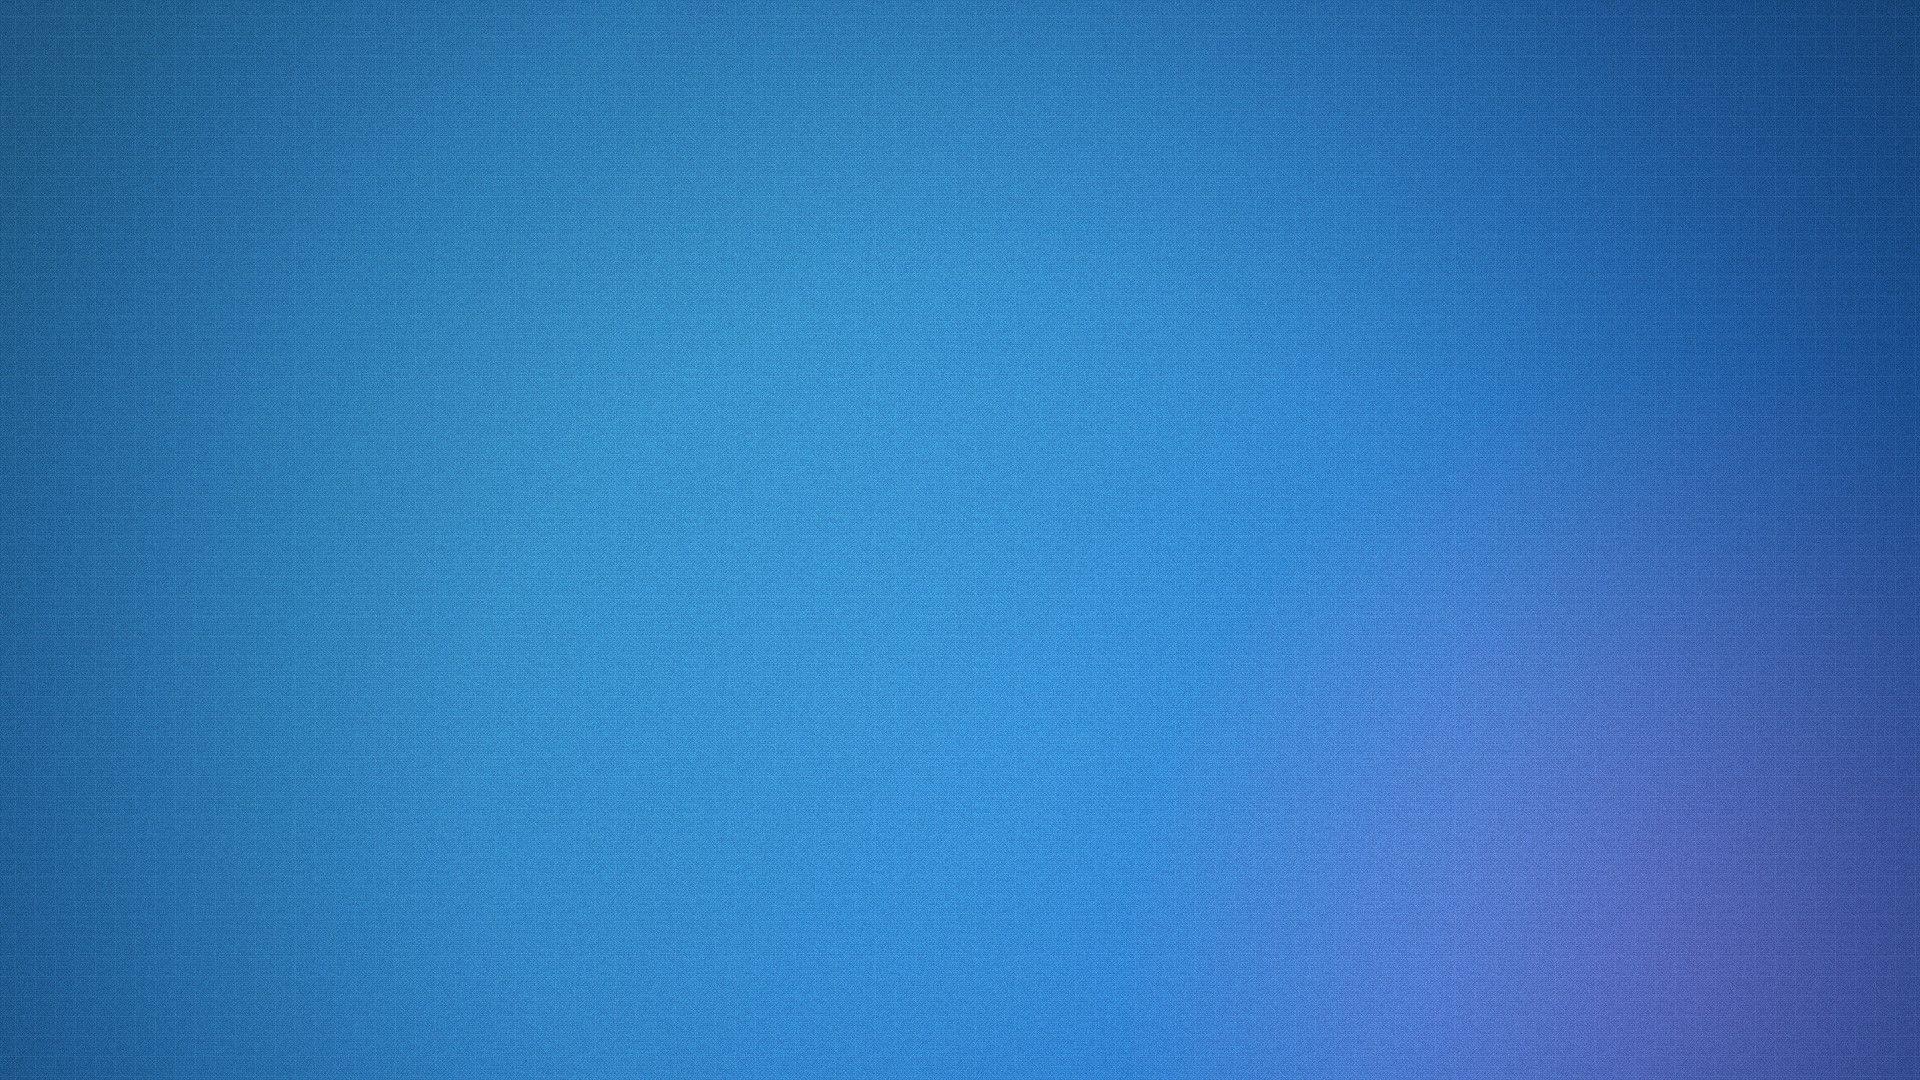 Light Blue Wallpapers 1920x1080